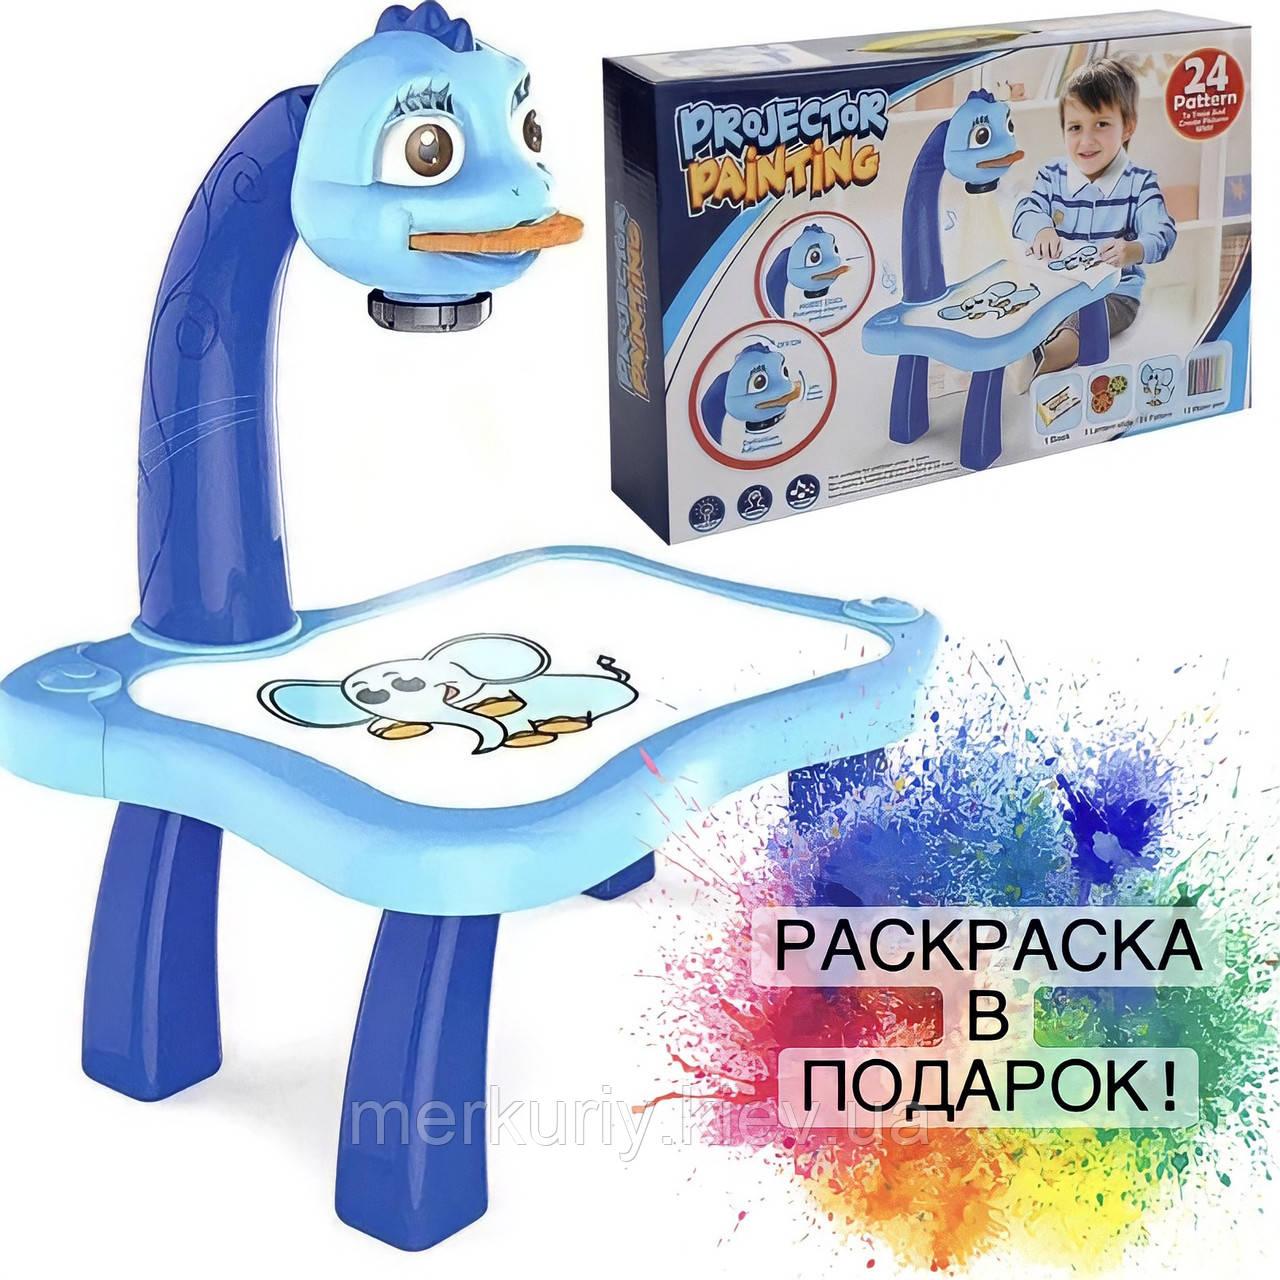 Дитячий стіл проектор для малювання з підсвічуванням | Стіл дитячий мольберт-проектор Baby для малювання з музикою